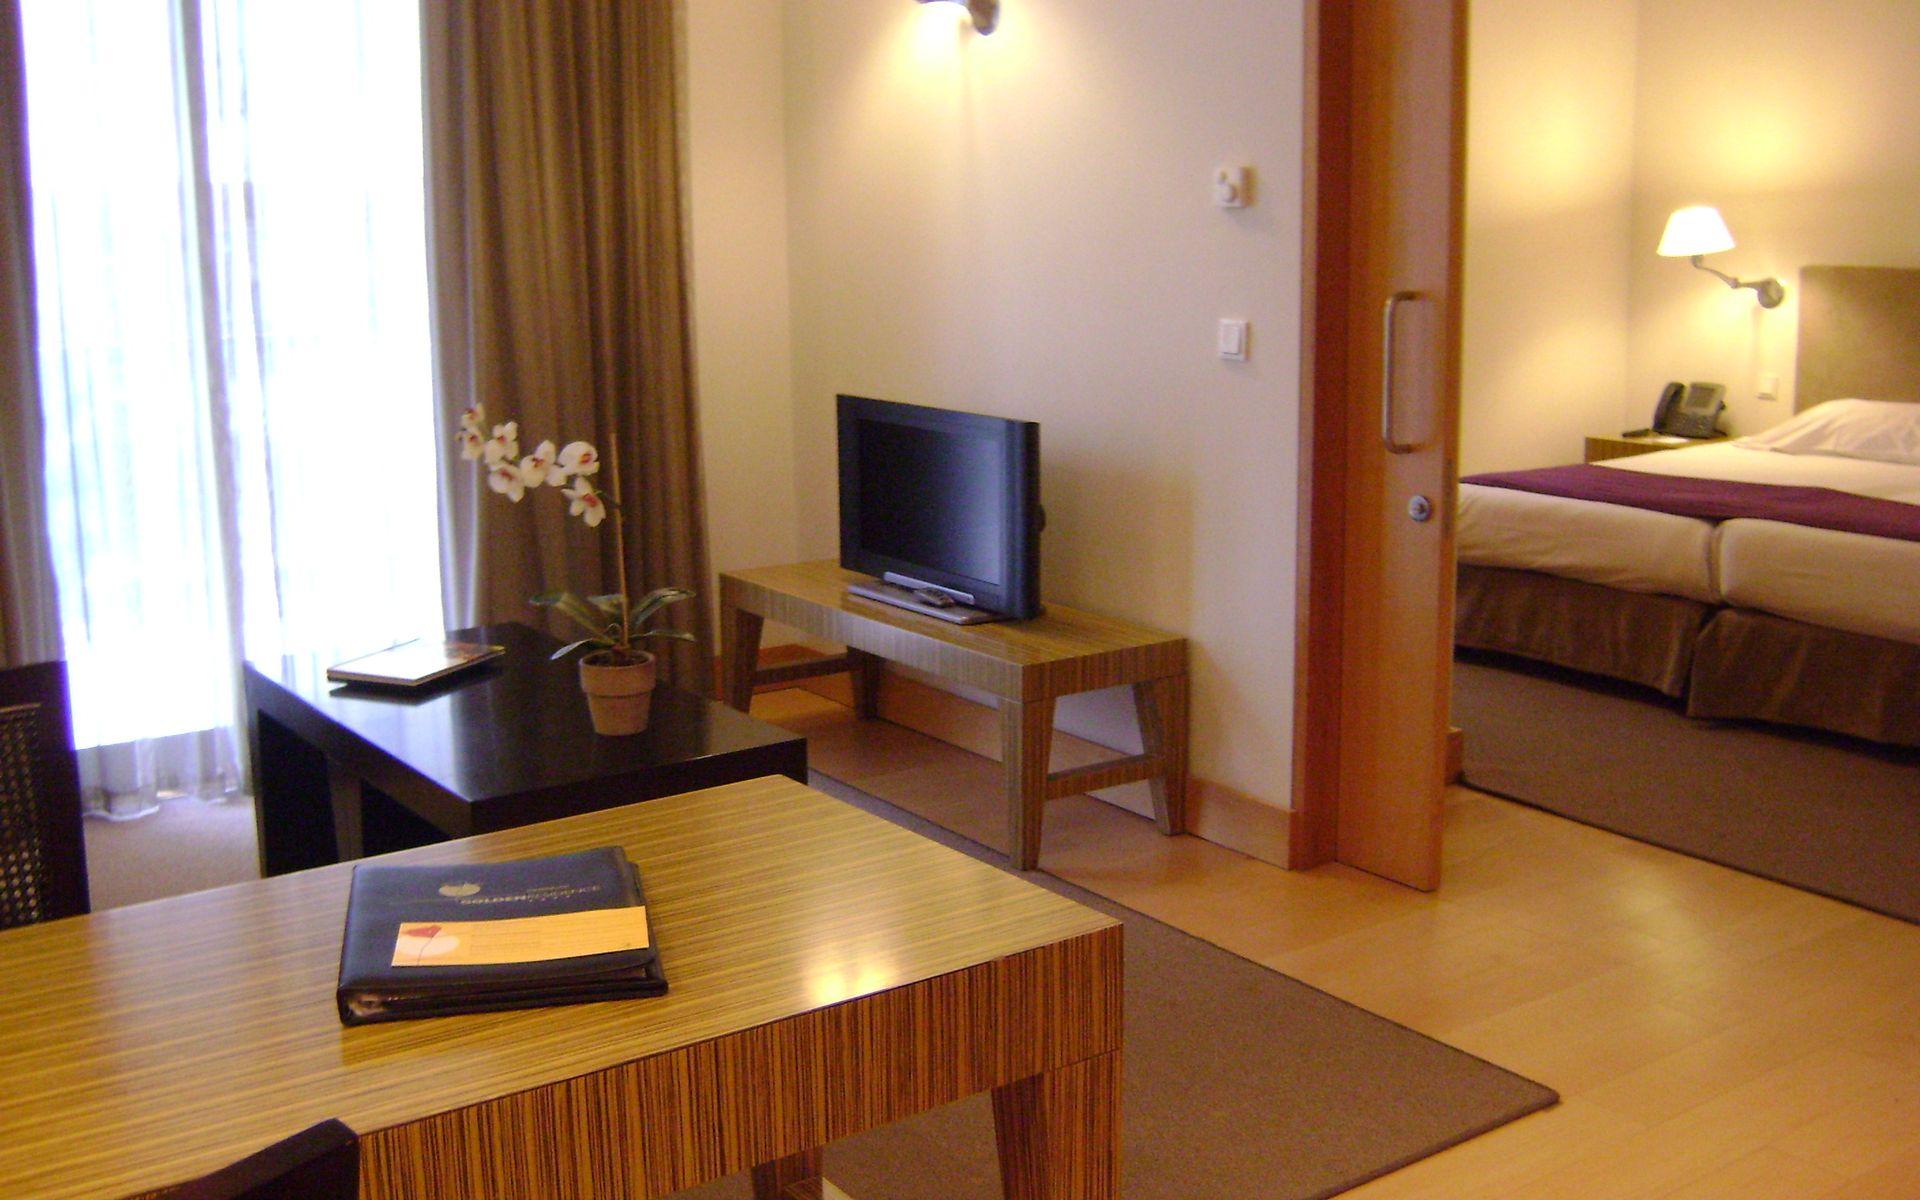 Hotel golden residence en funchal madeira desde 40 - Television pequena plana ...